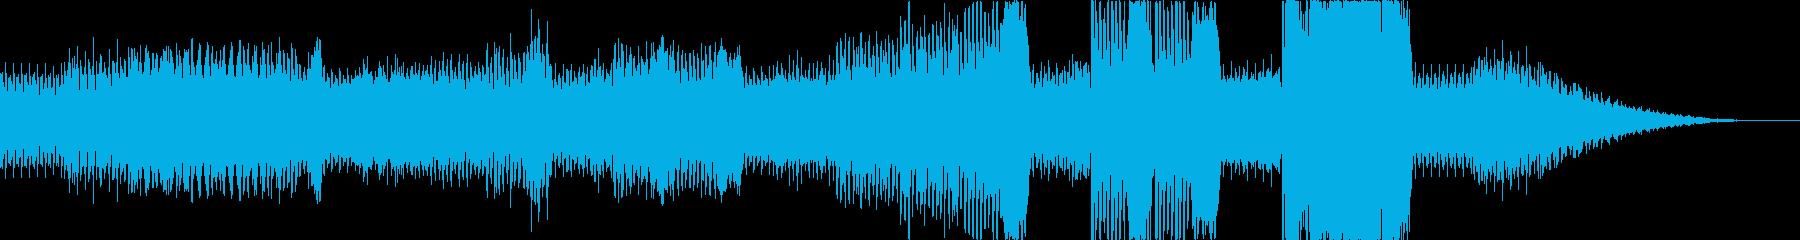 ワクワクしてくるBGM2の再生済みの波形